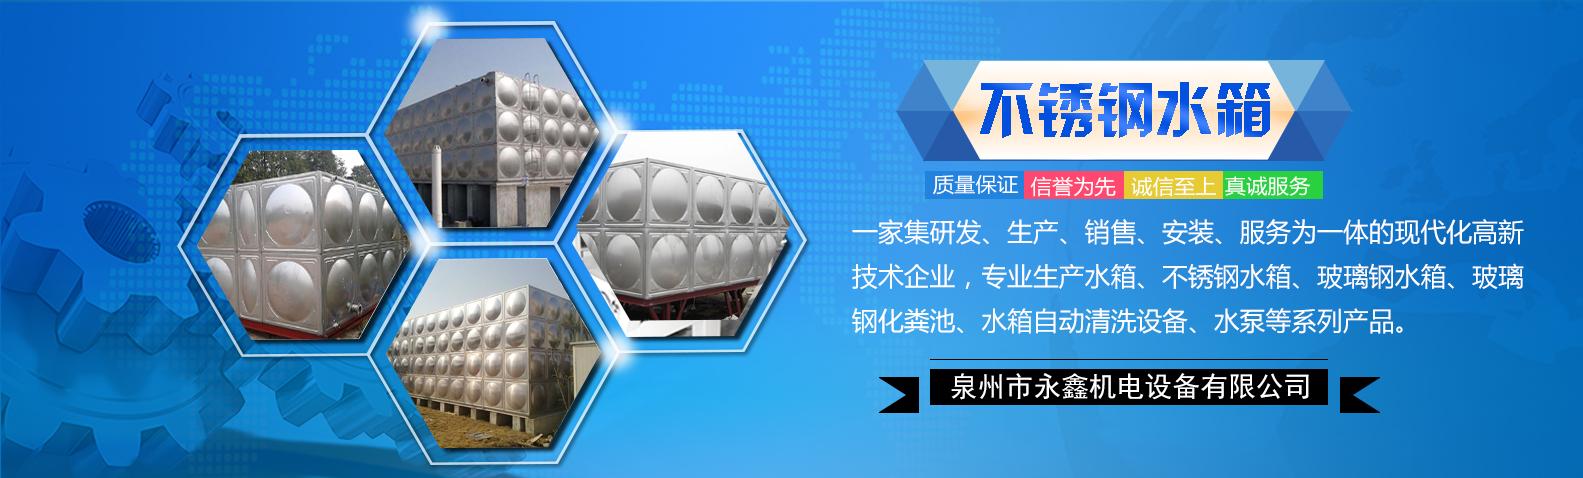 不锈钢水箱生产安装